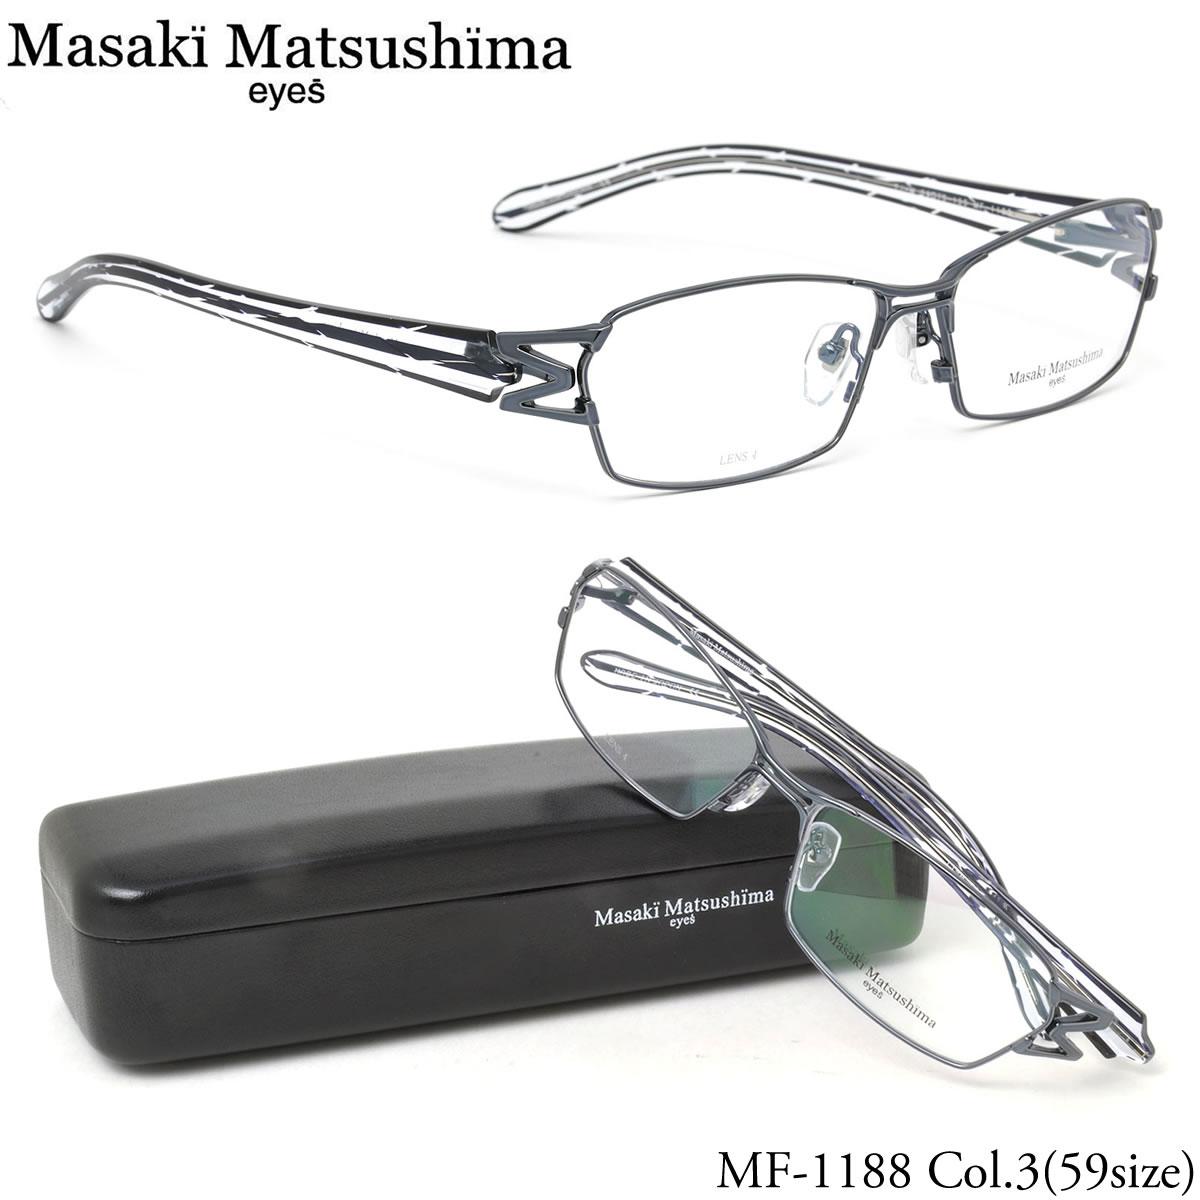 【10月30日からエントリーで全品ポイント20倍】マサキ マツシマ メガネ MF-1188 3 59サイズ Masaki Matsushima チタン 日本製 メンズ レディース